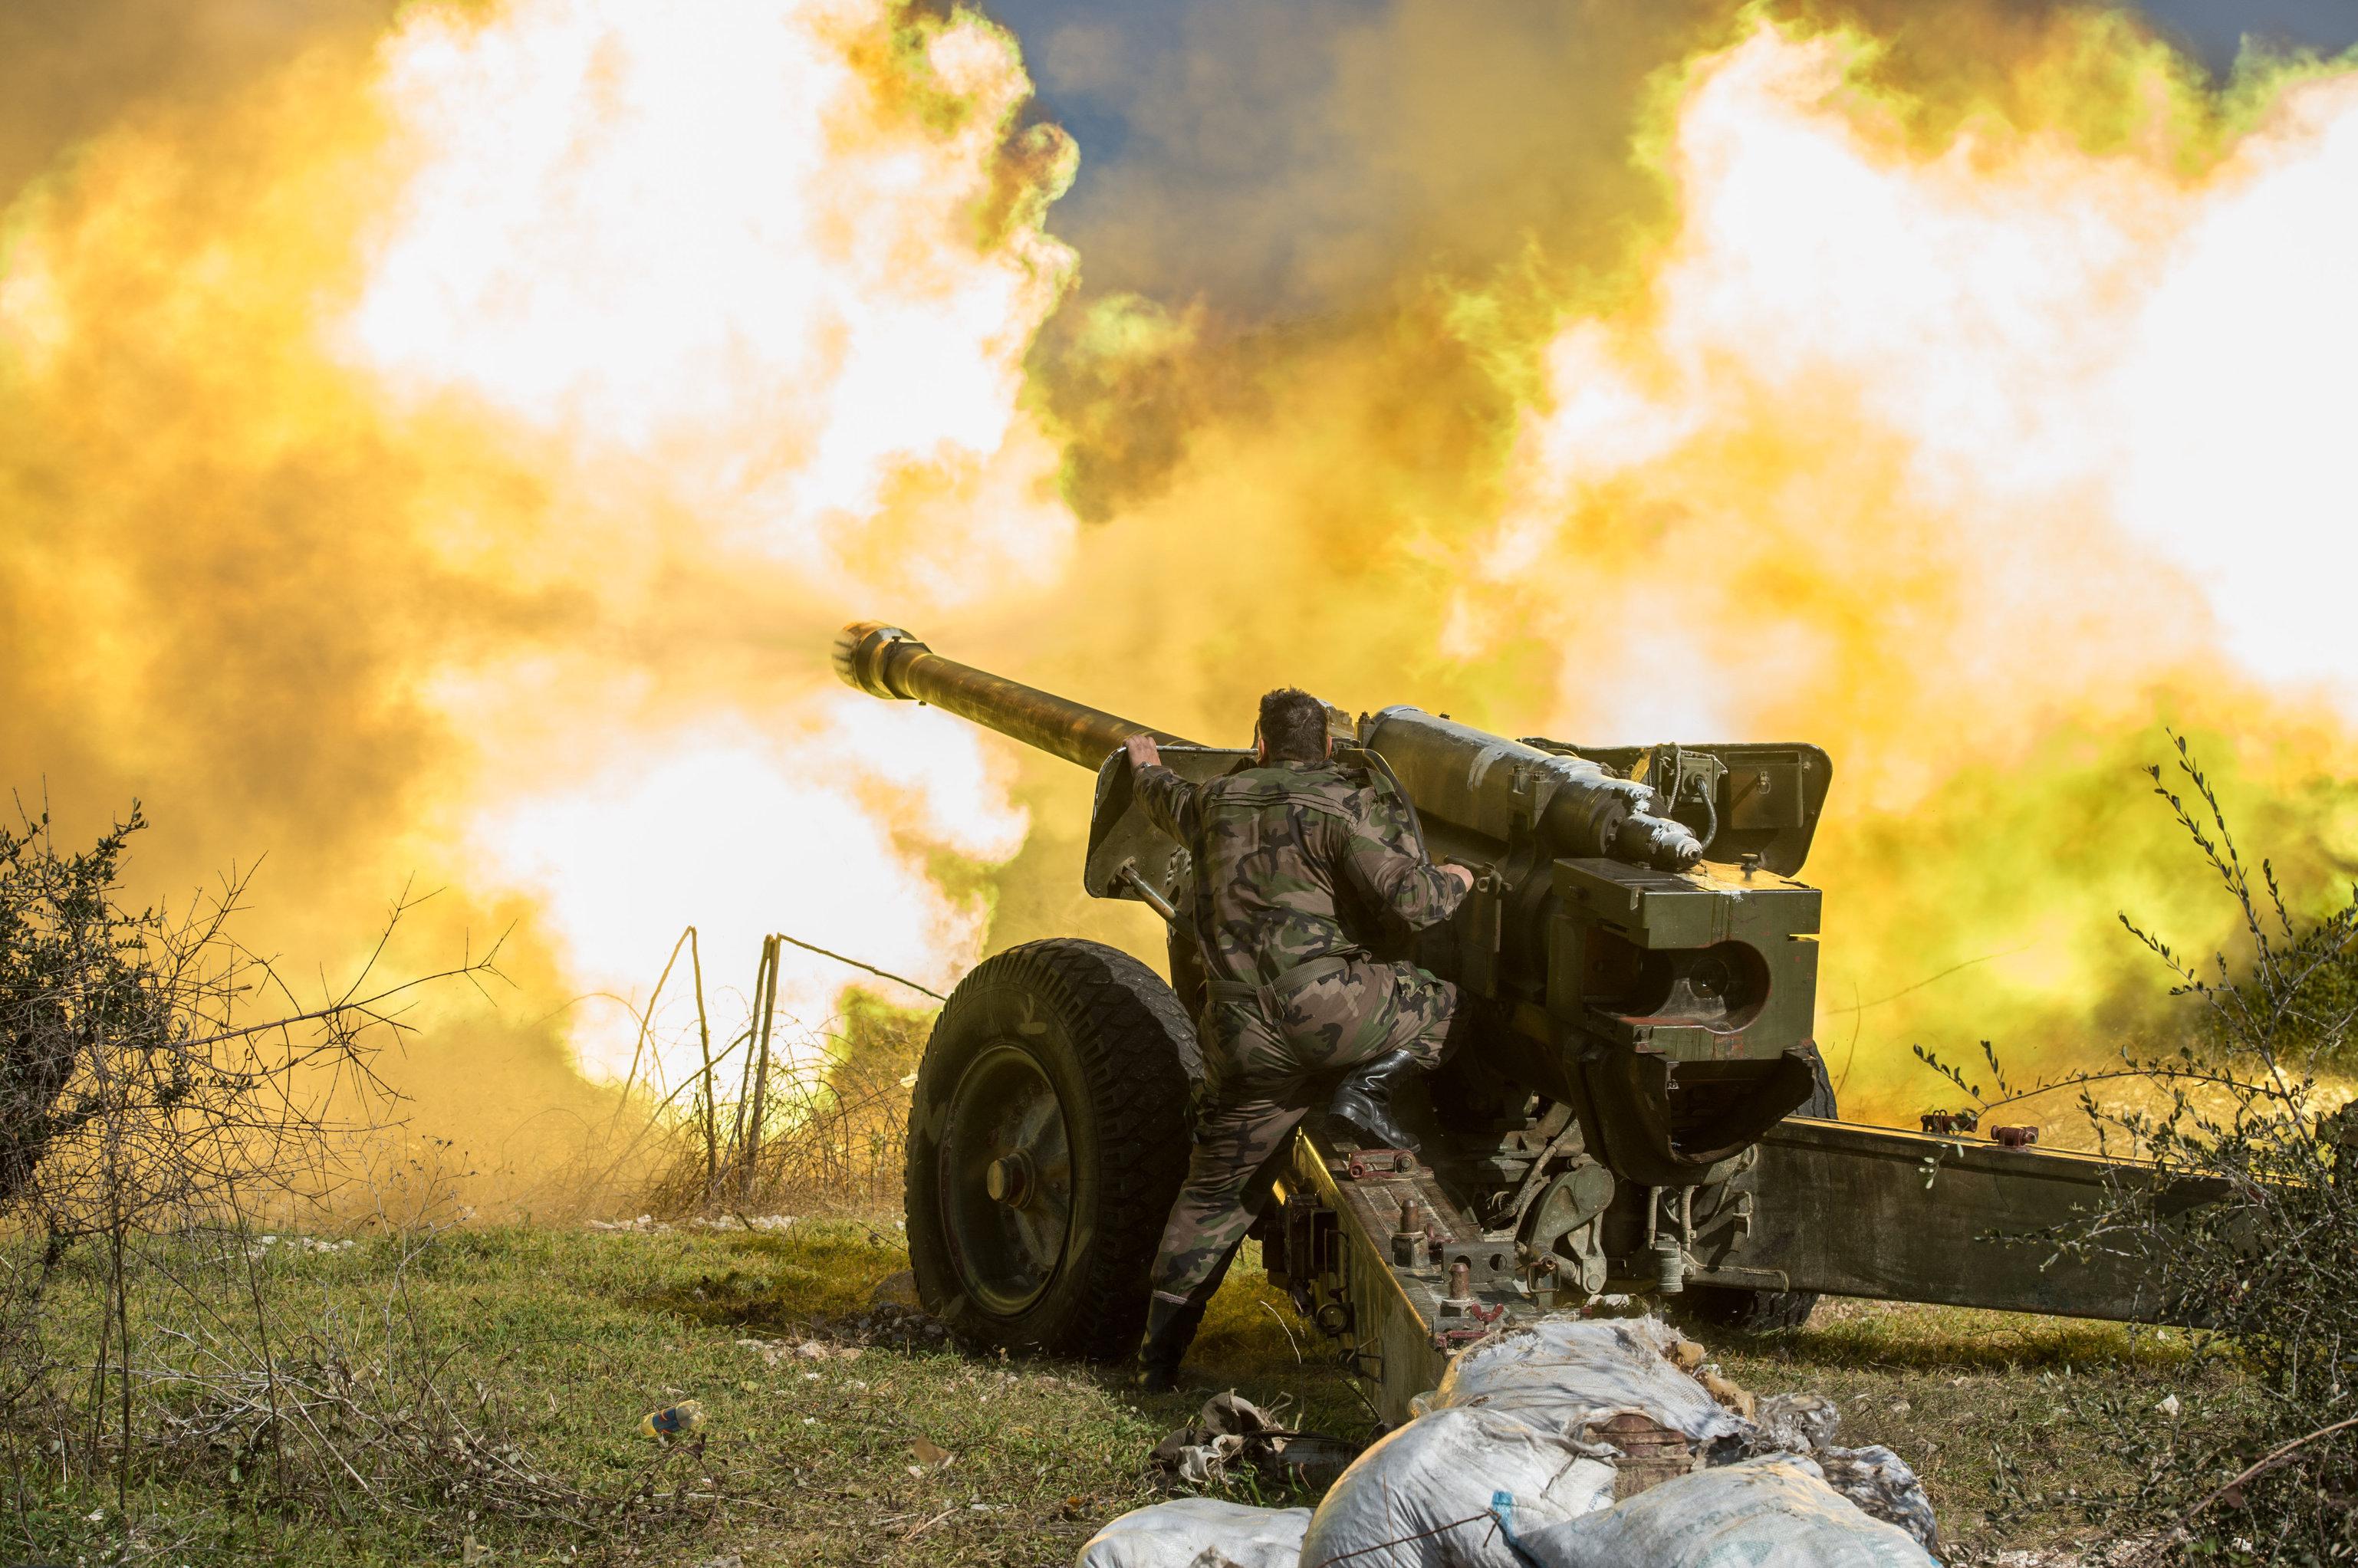 L'artiglieria pesante dell'esercito siriano